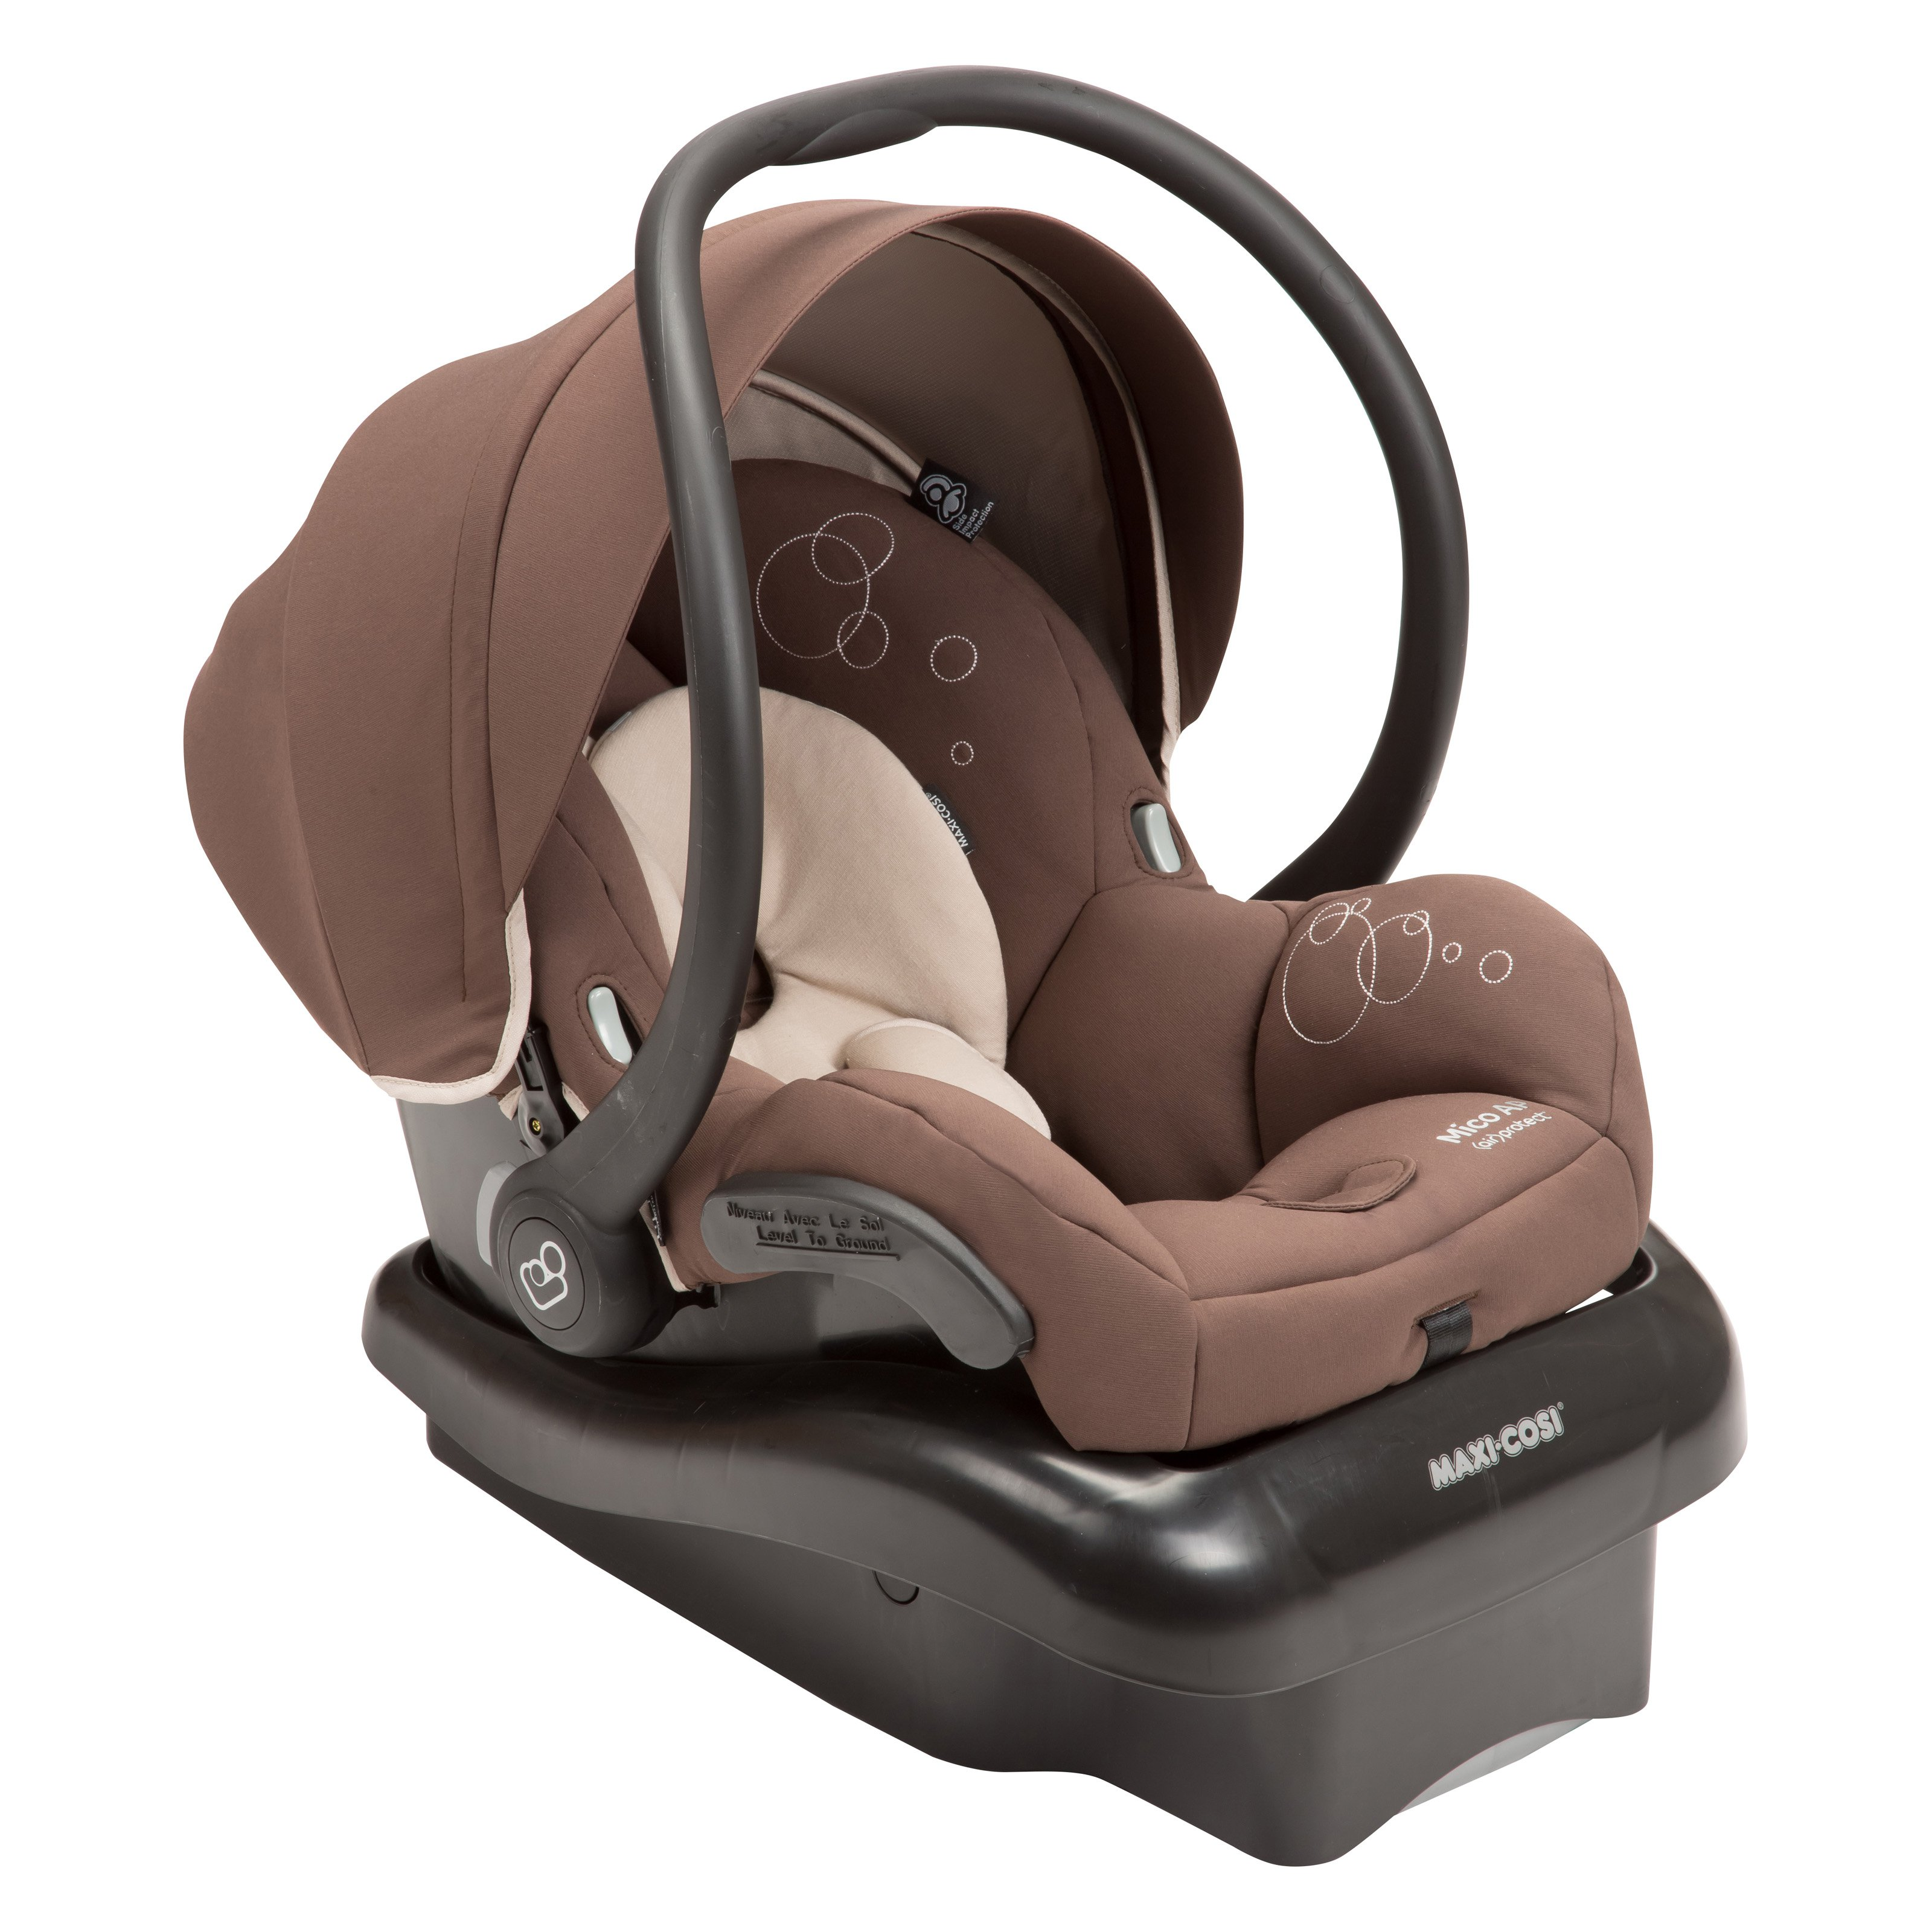 Dorel Juvenile Maxi-Cosi Mico AP Infant Car Seat - Milk C...